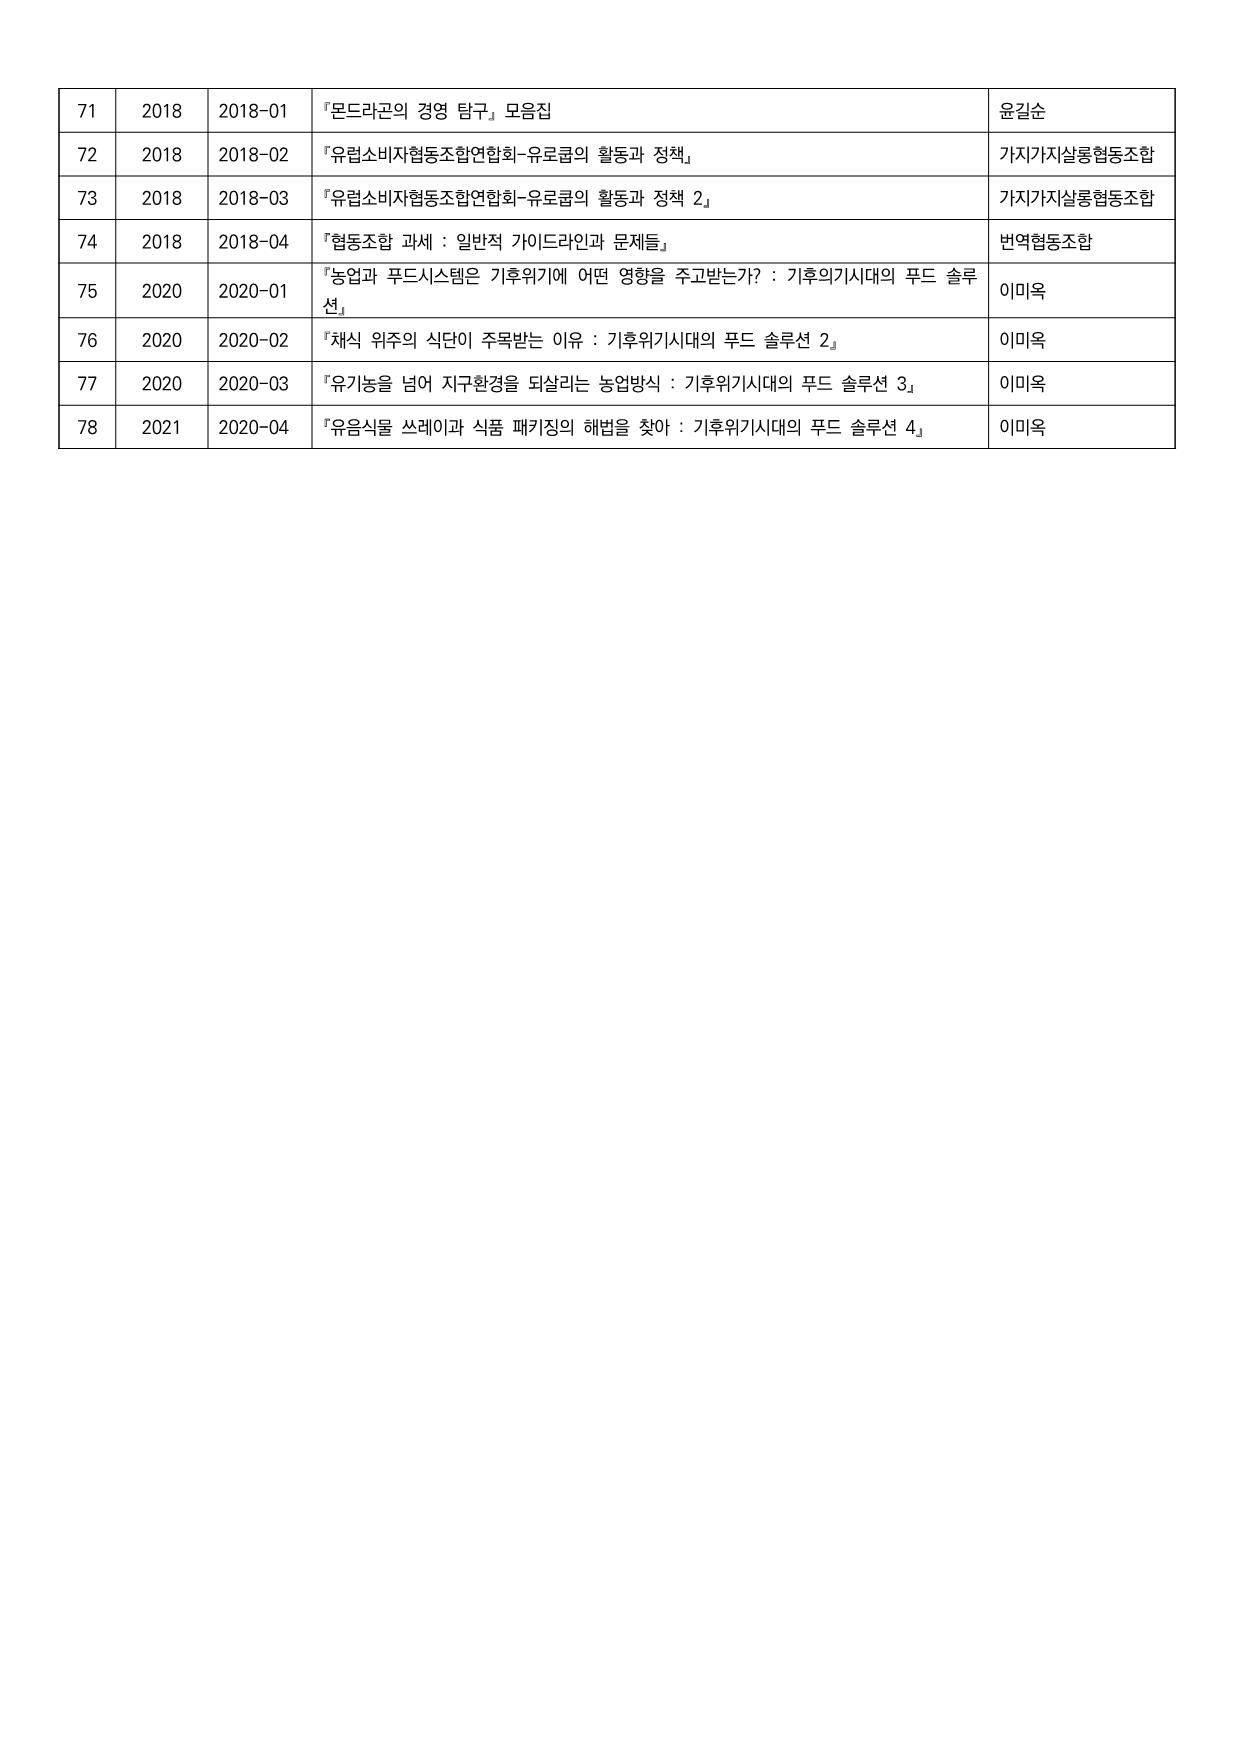 03.2100630_연구소 발행 목록_9